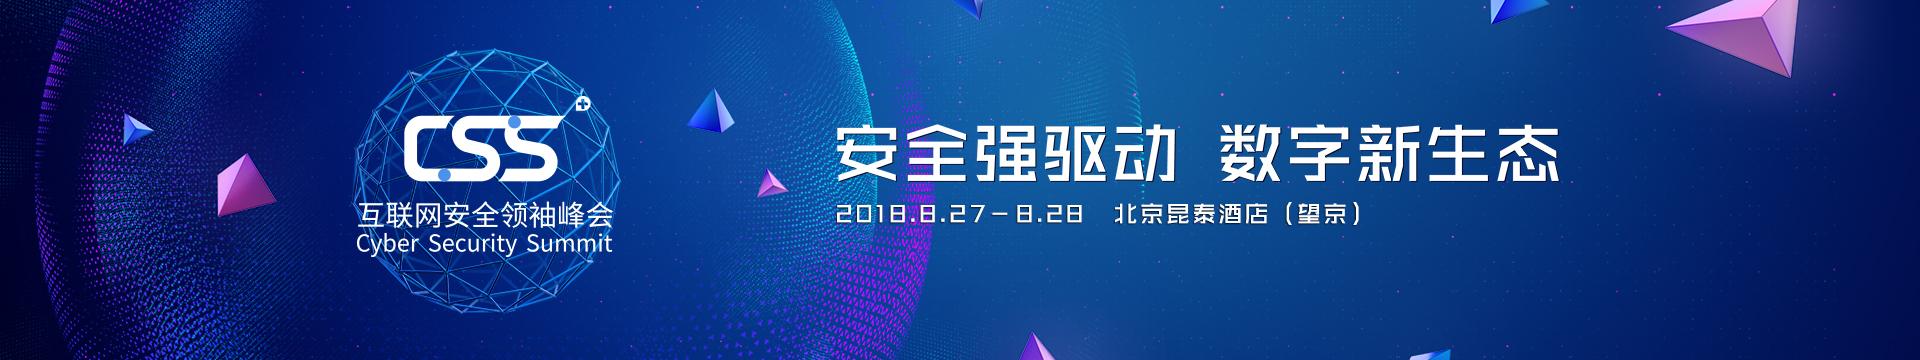 CSS 2018第四届互联网安全领袖峰会